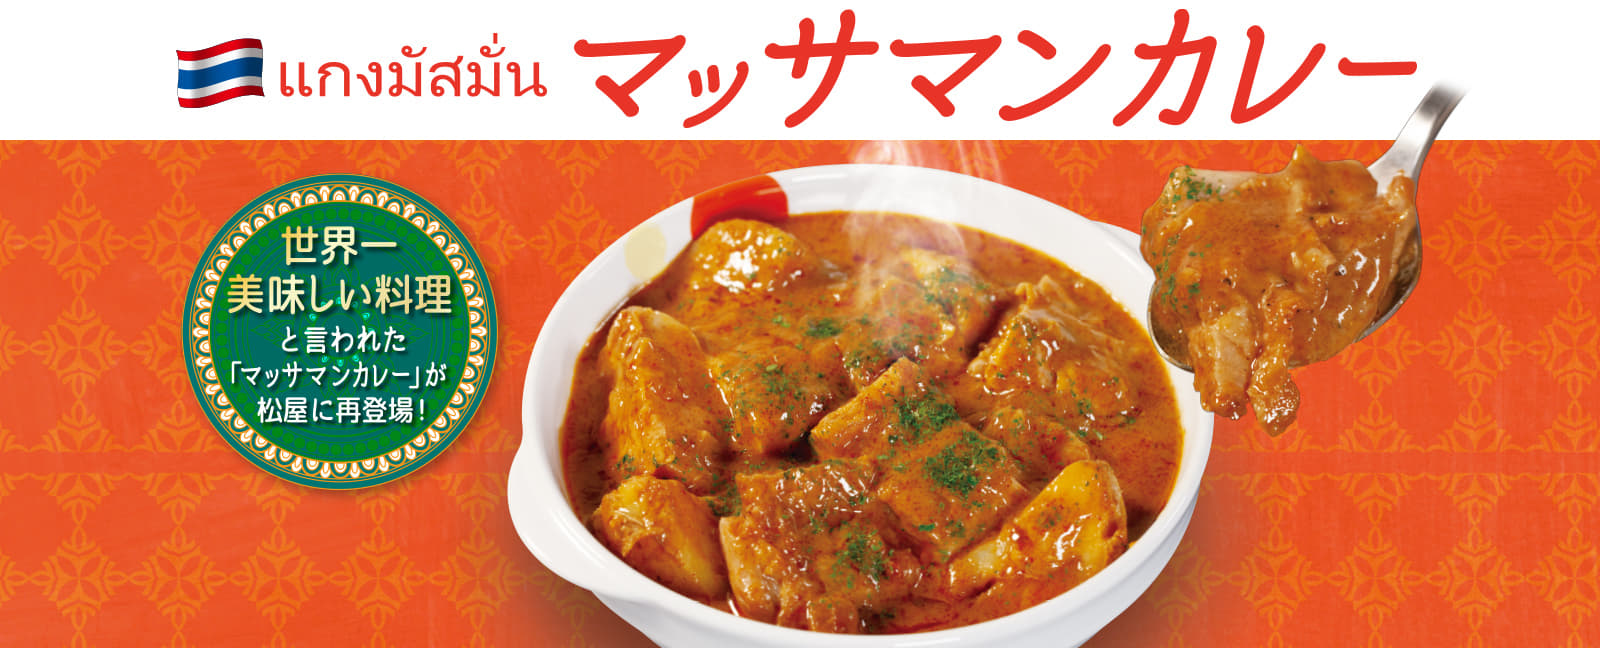 【朗報】松屋「マッサマンカレー」を販売いたします!